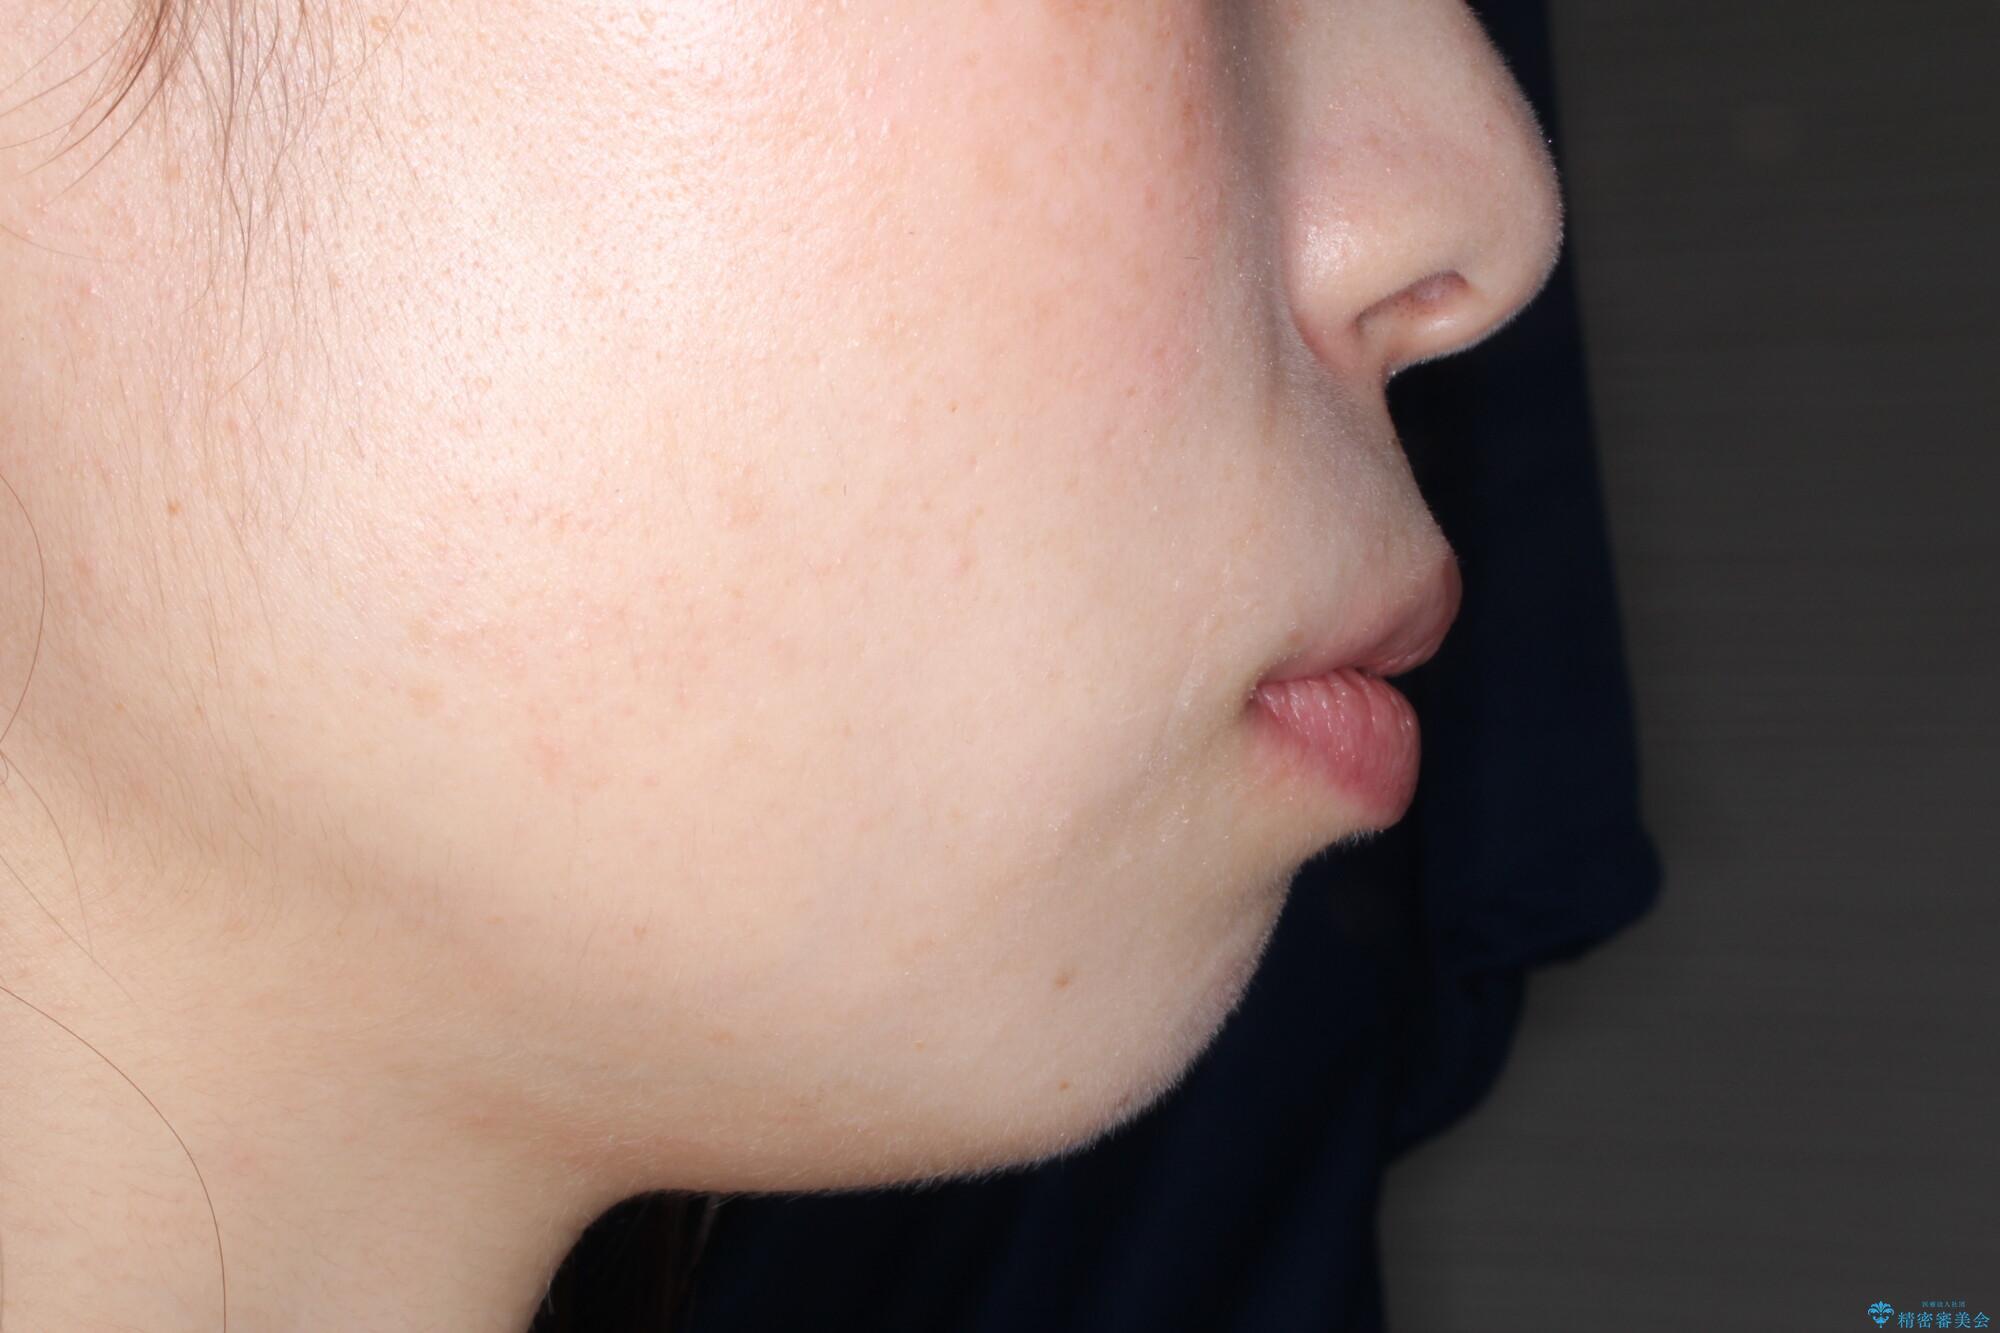 口が閉じにくい 口ゴボの抜歯矯正による改善の治療前(顔貌)